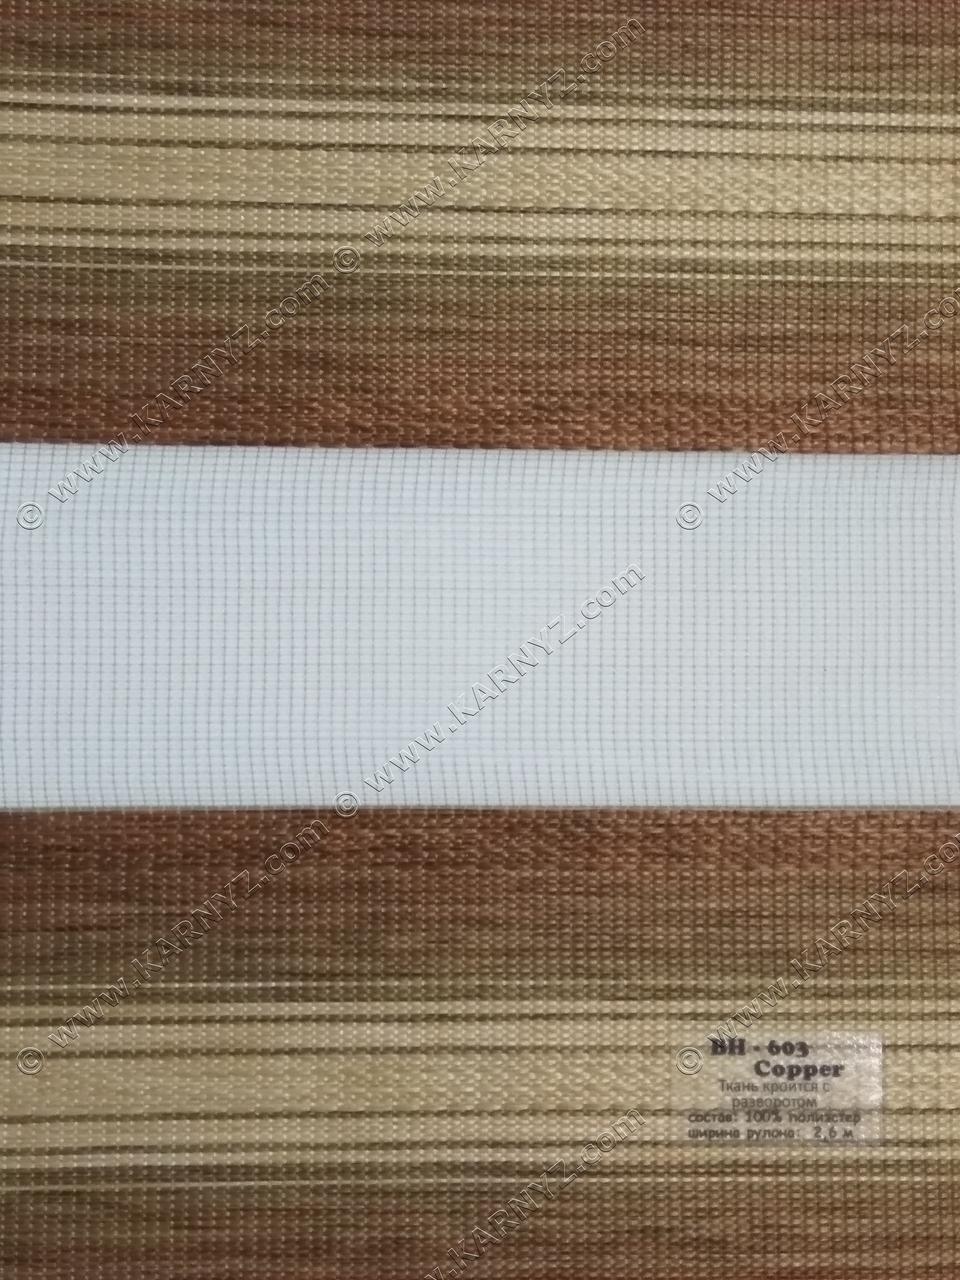 Рулонные шторы День-Ночь ВН-603 коричневый